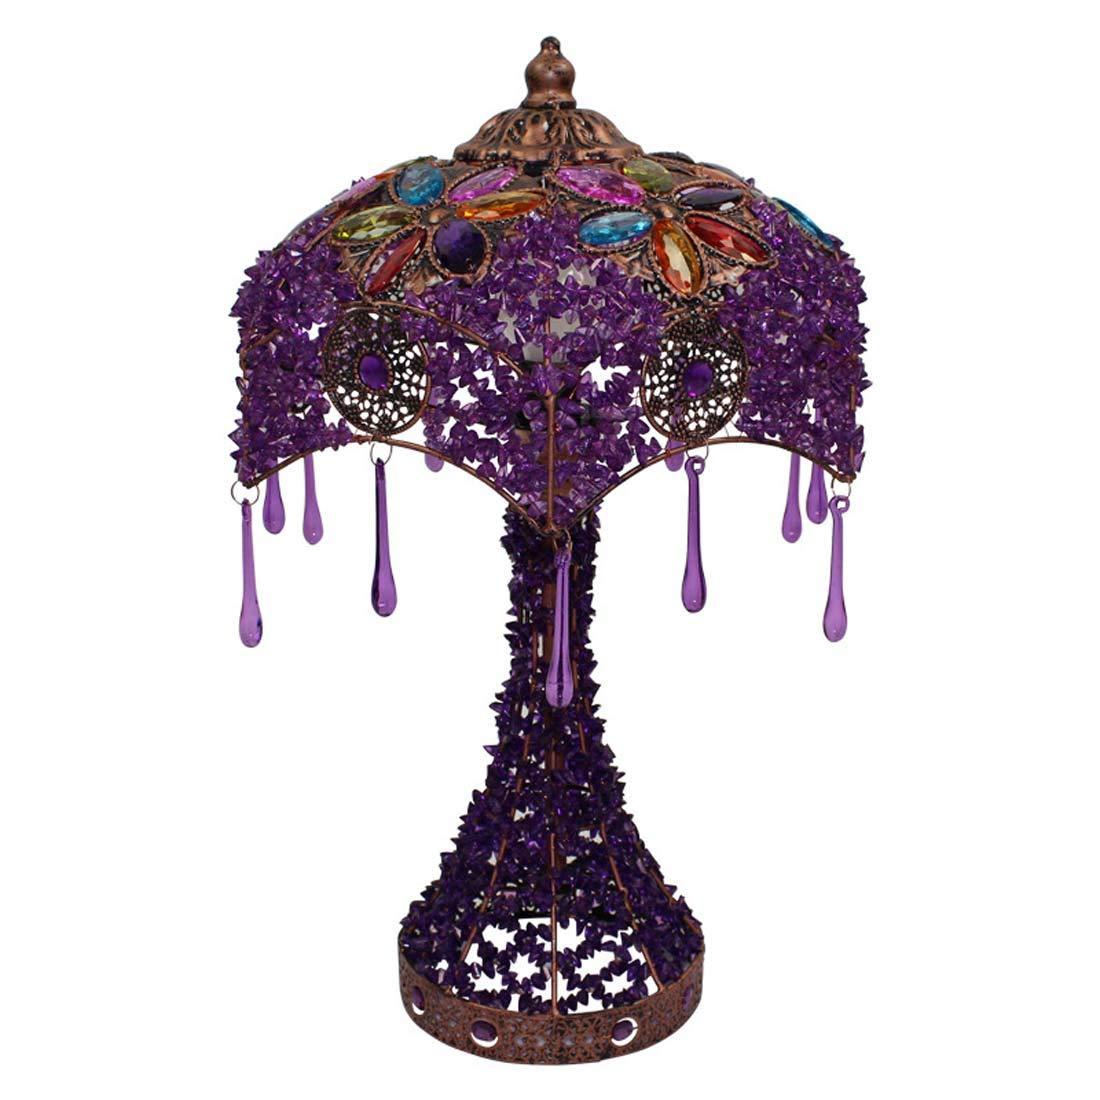 Europäischen Stil Tischlampe, Garten Lampe Lila Romantische Tischlampe Schlafzimmer Nachttischlampe Dressing Tischlampe XIAOXIAO (Farbe   lila dimmer switch)